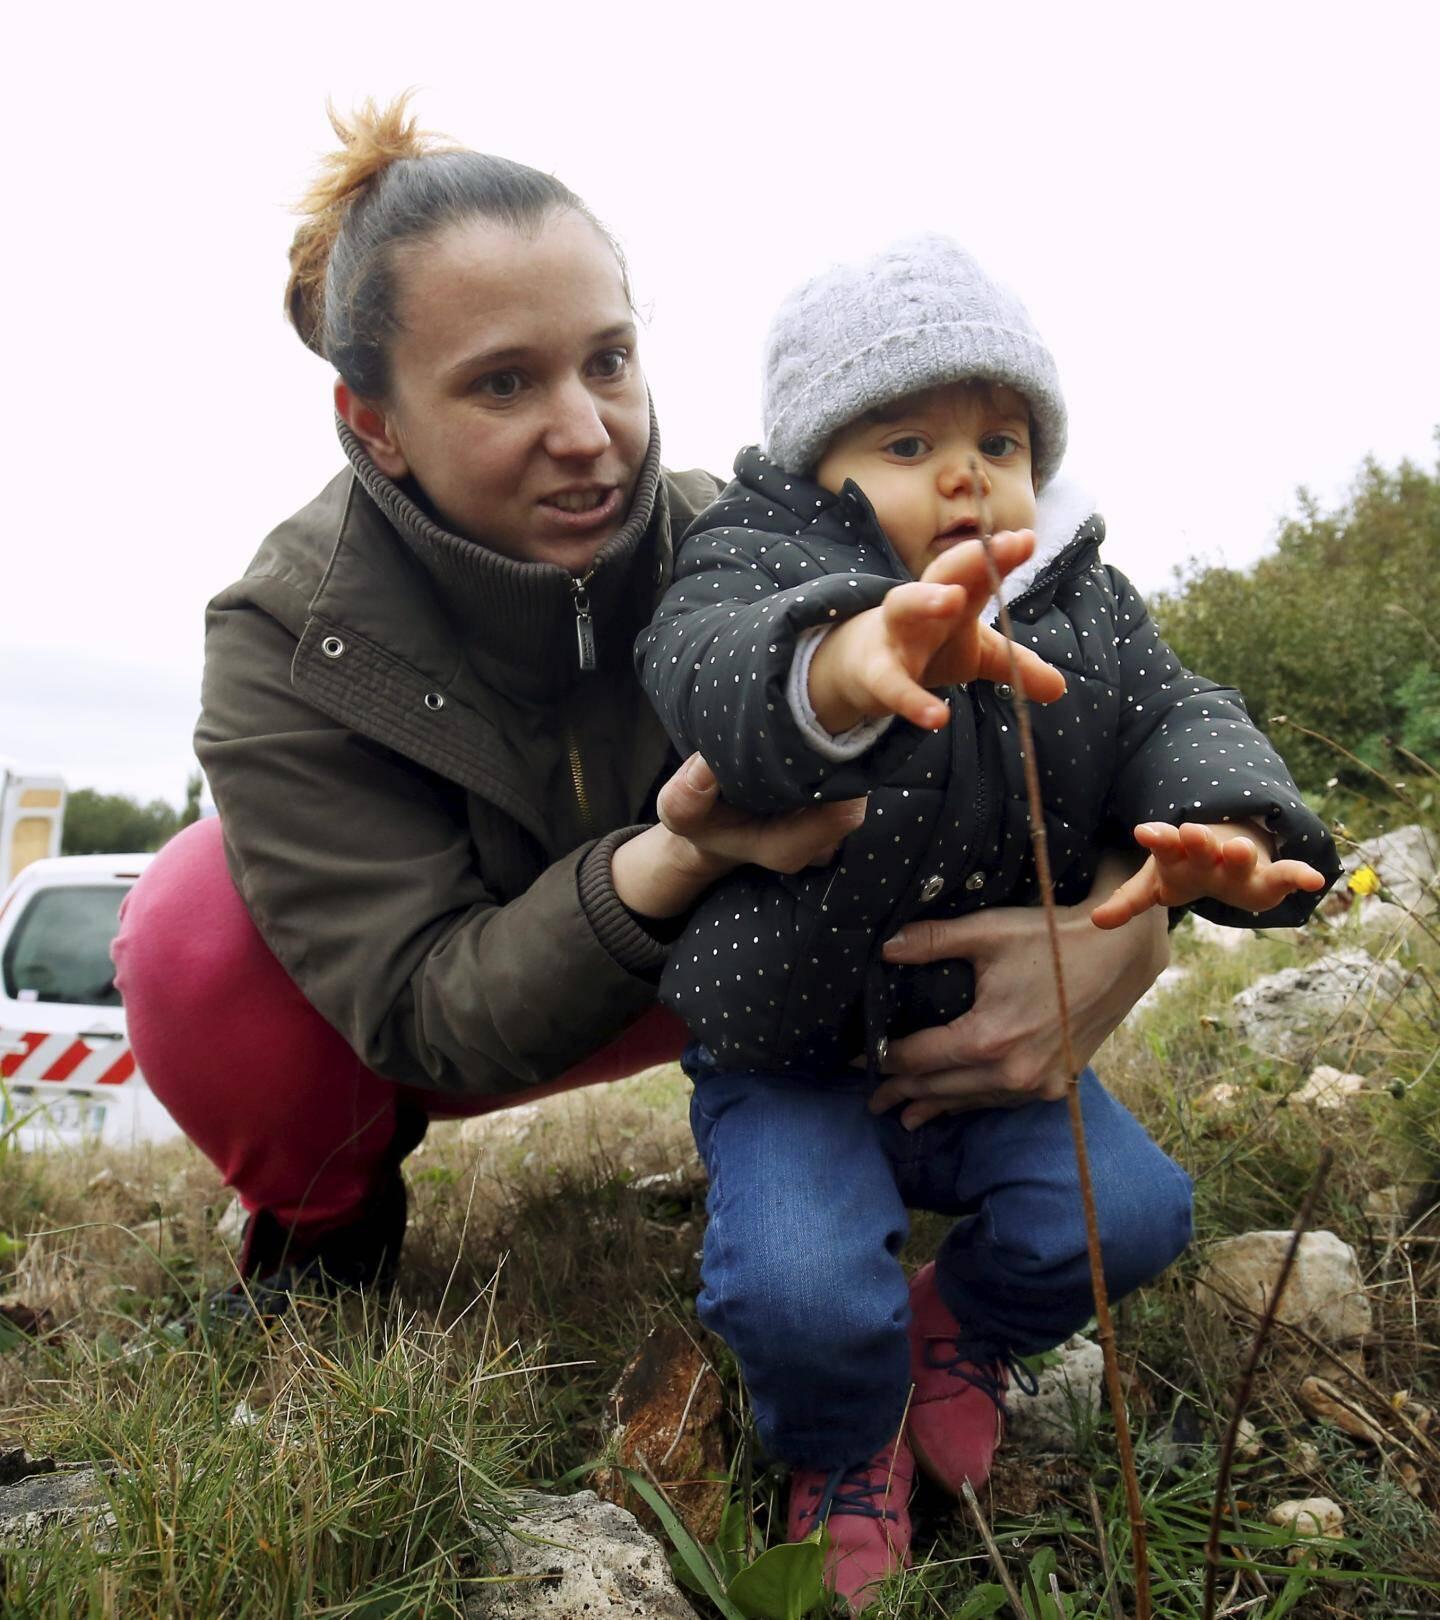 Venue avec son fils Maxence, 15 mois, Cindy, qui travaille au service de l'État civil et enregistre les naissances, a eu envie de participer à cette opération symbolique en plantant un chêne.